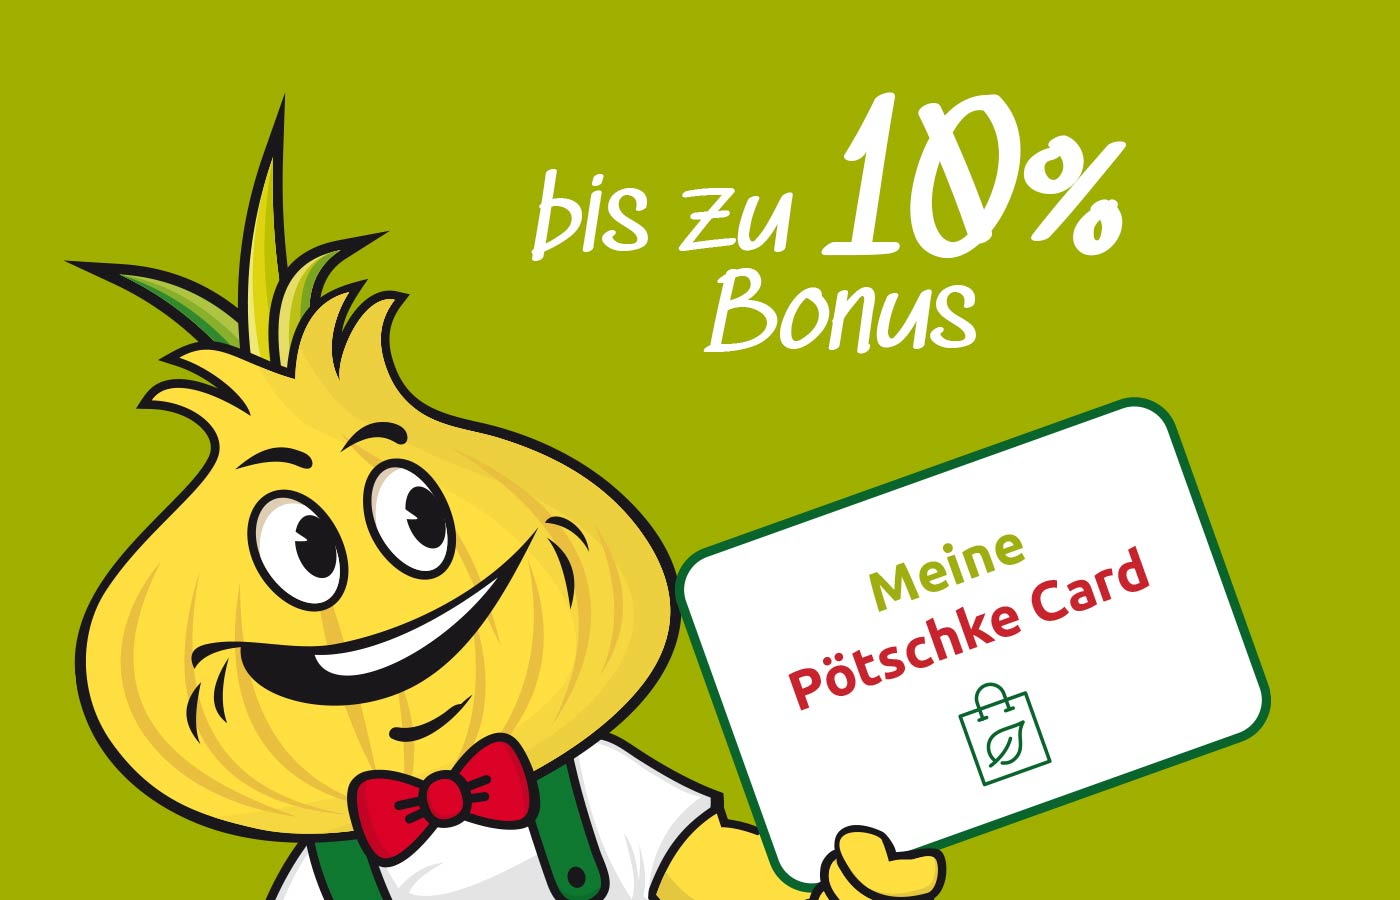 Pötschke Card Kundenkarte